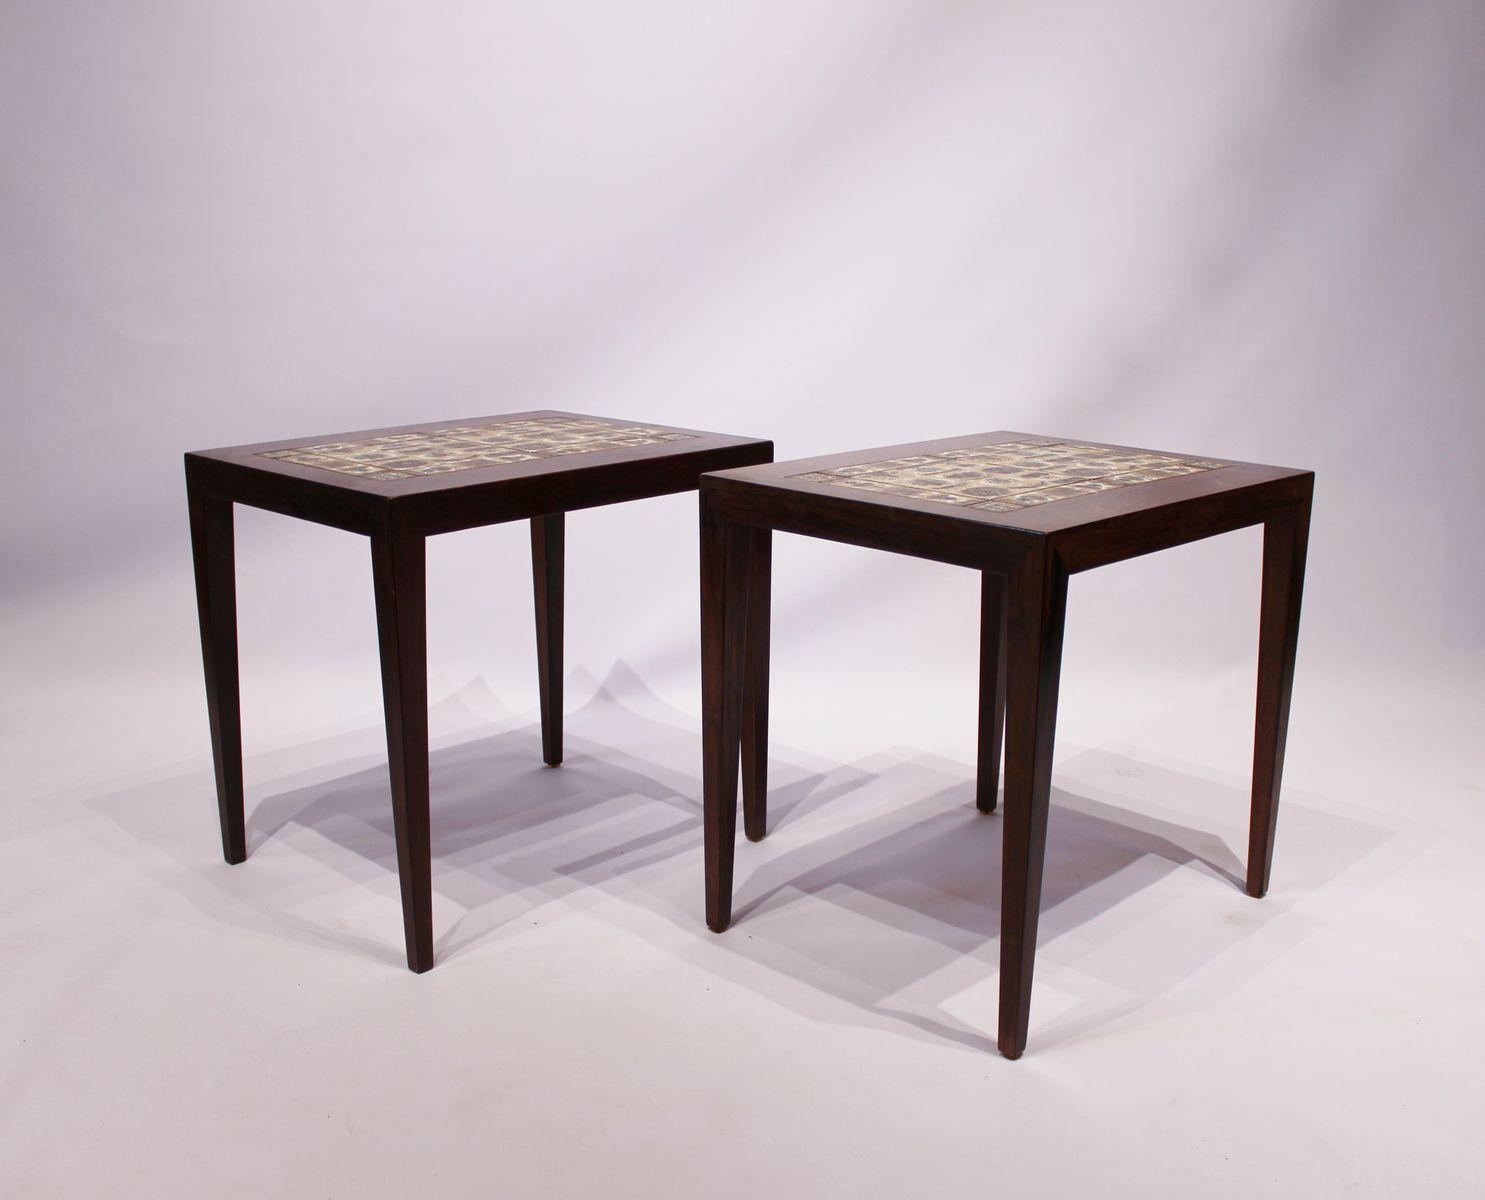 Tile Top Side Tables By Severin Hansen For Haslev Møbelsnedkeri 1960s Set Of 2